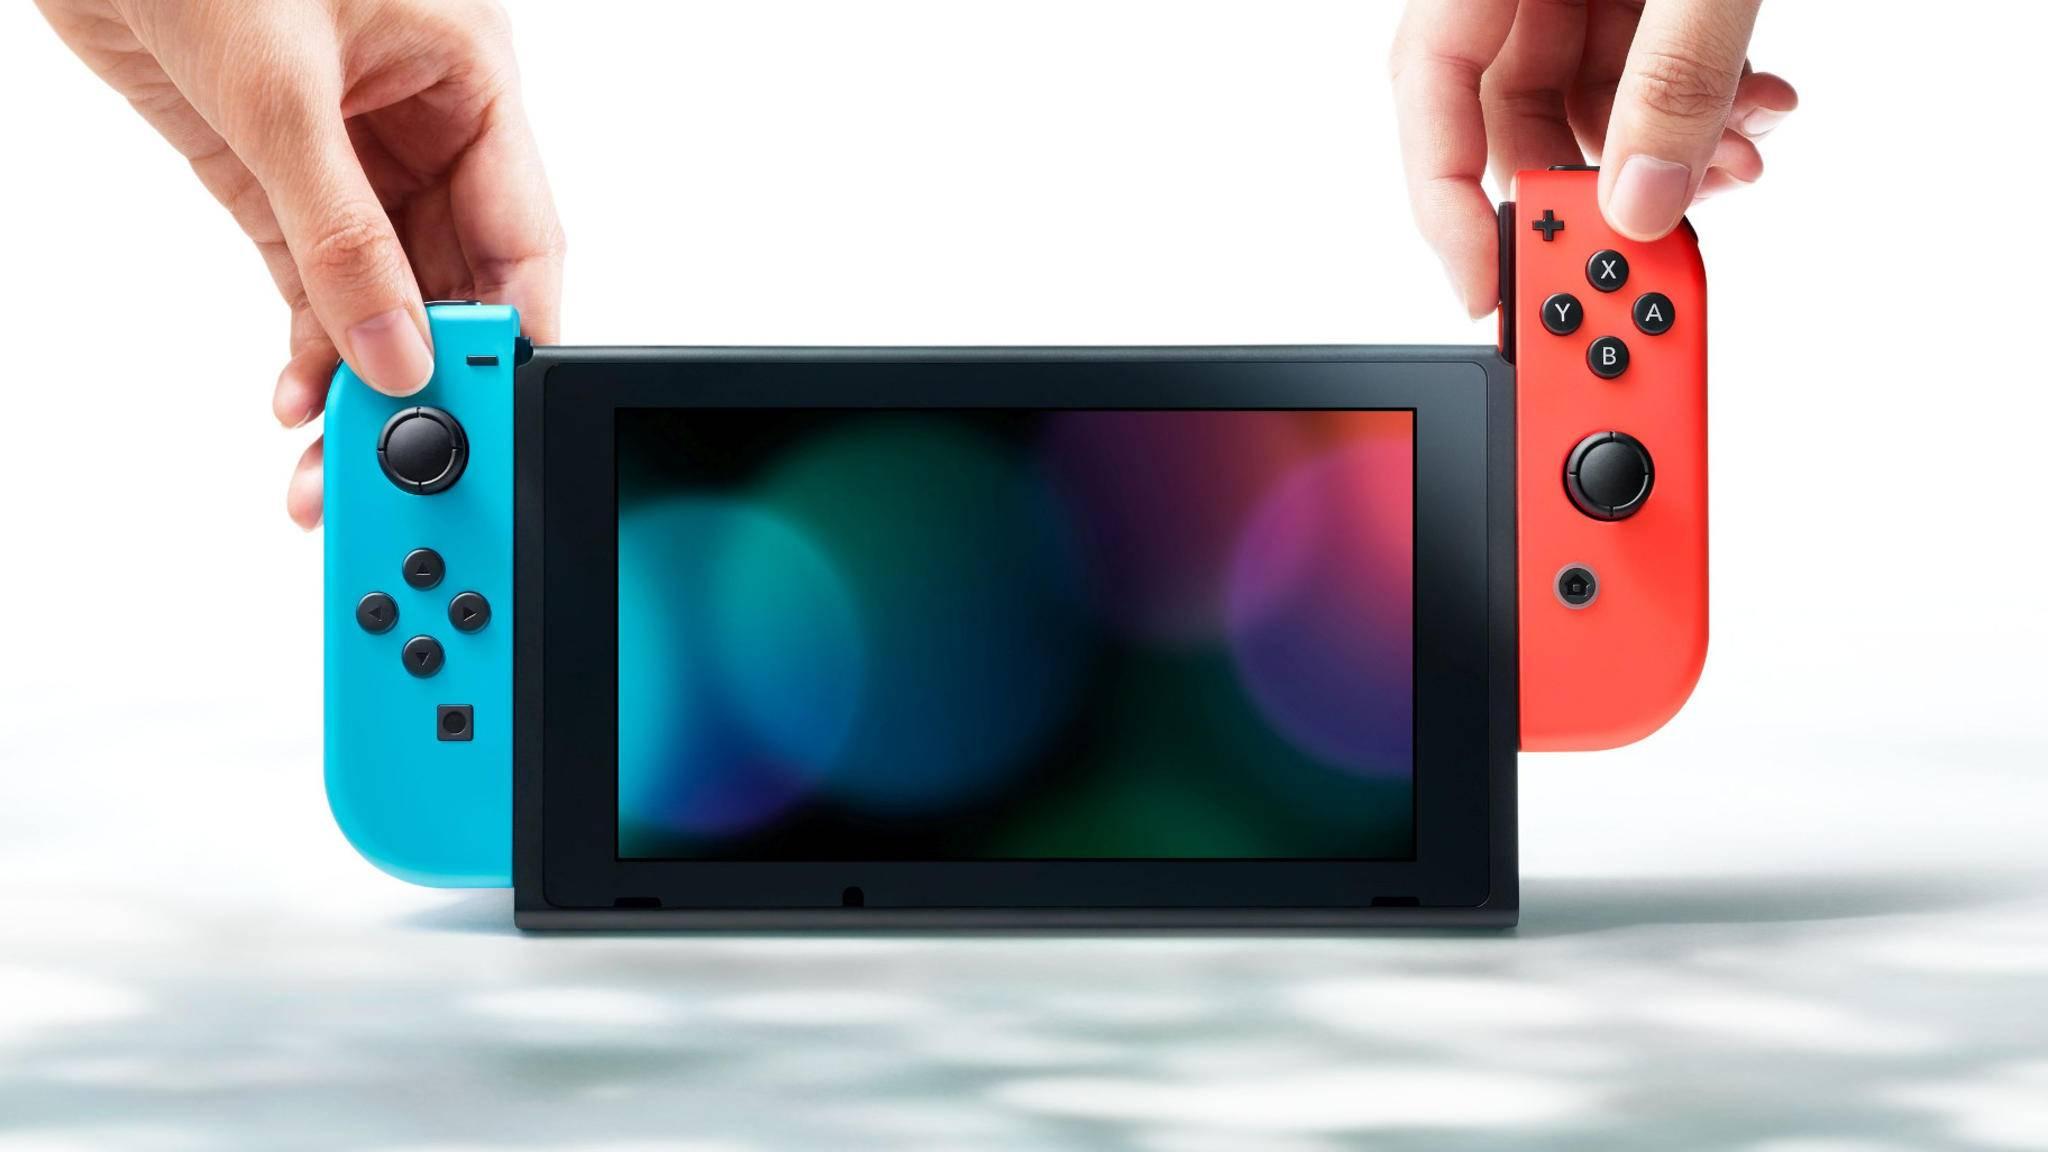 Erfolgsstory: Die Nintendo Switch hält im jüngsten Monatsvergleich mit anderen Konsolen ihrer Generation mit.